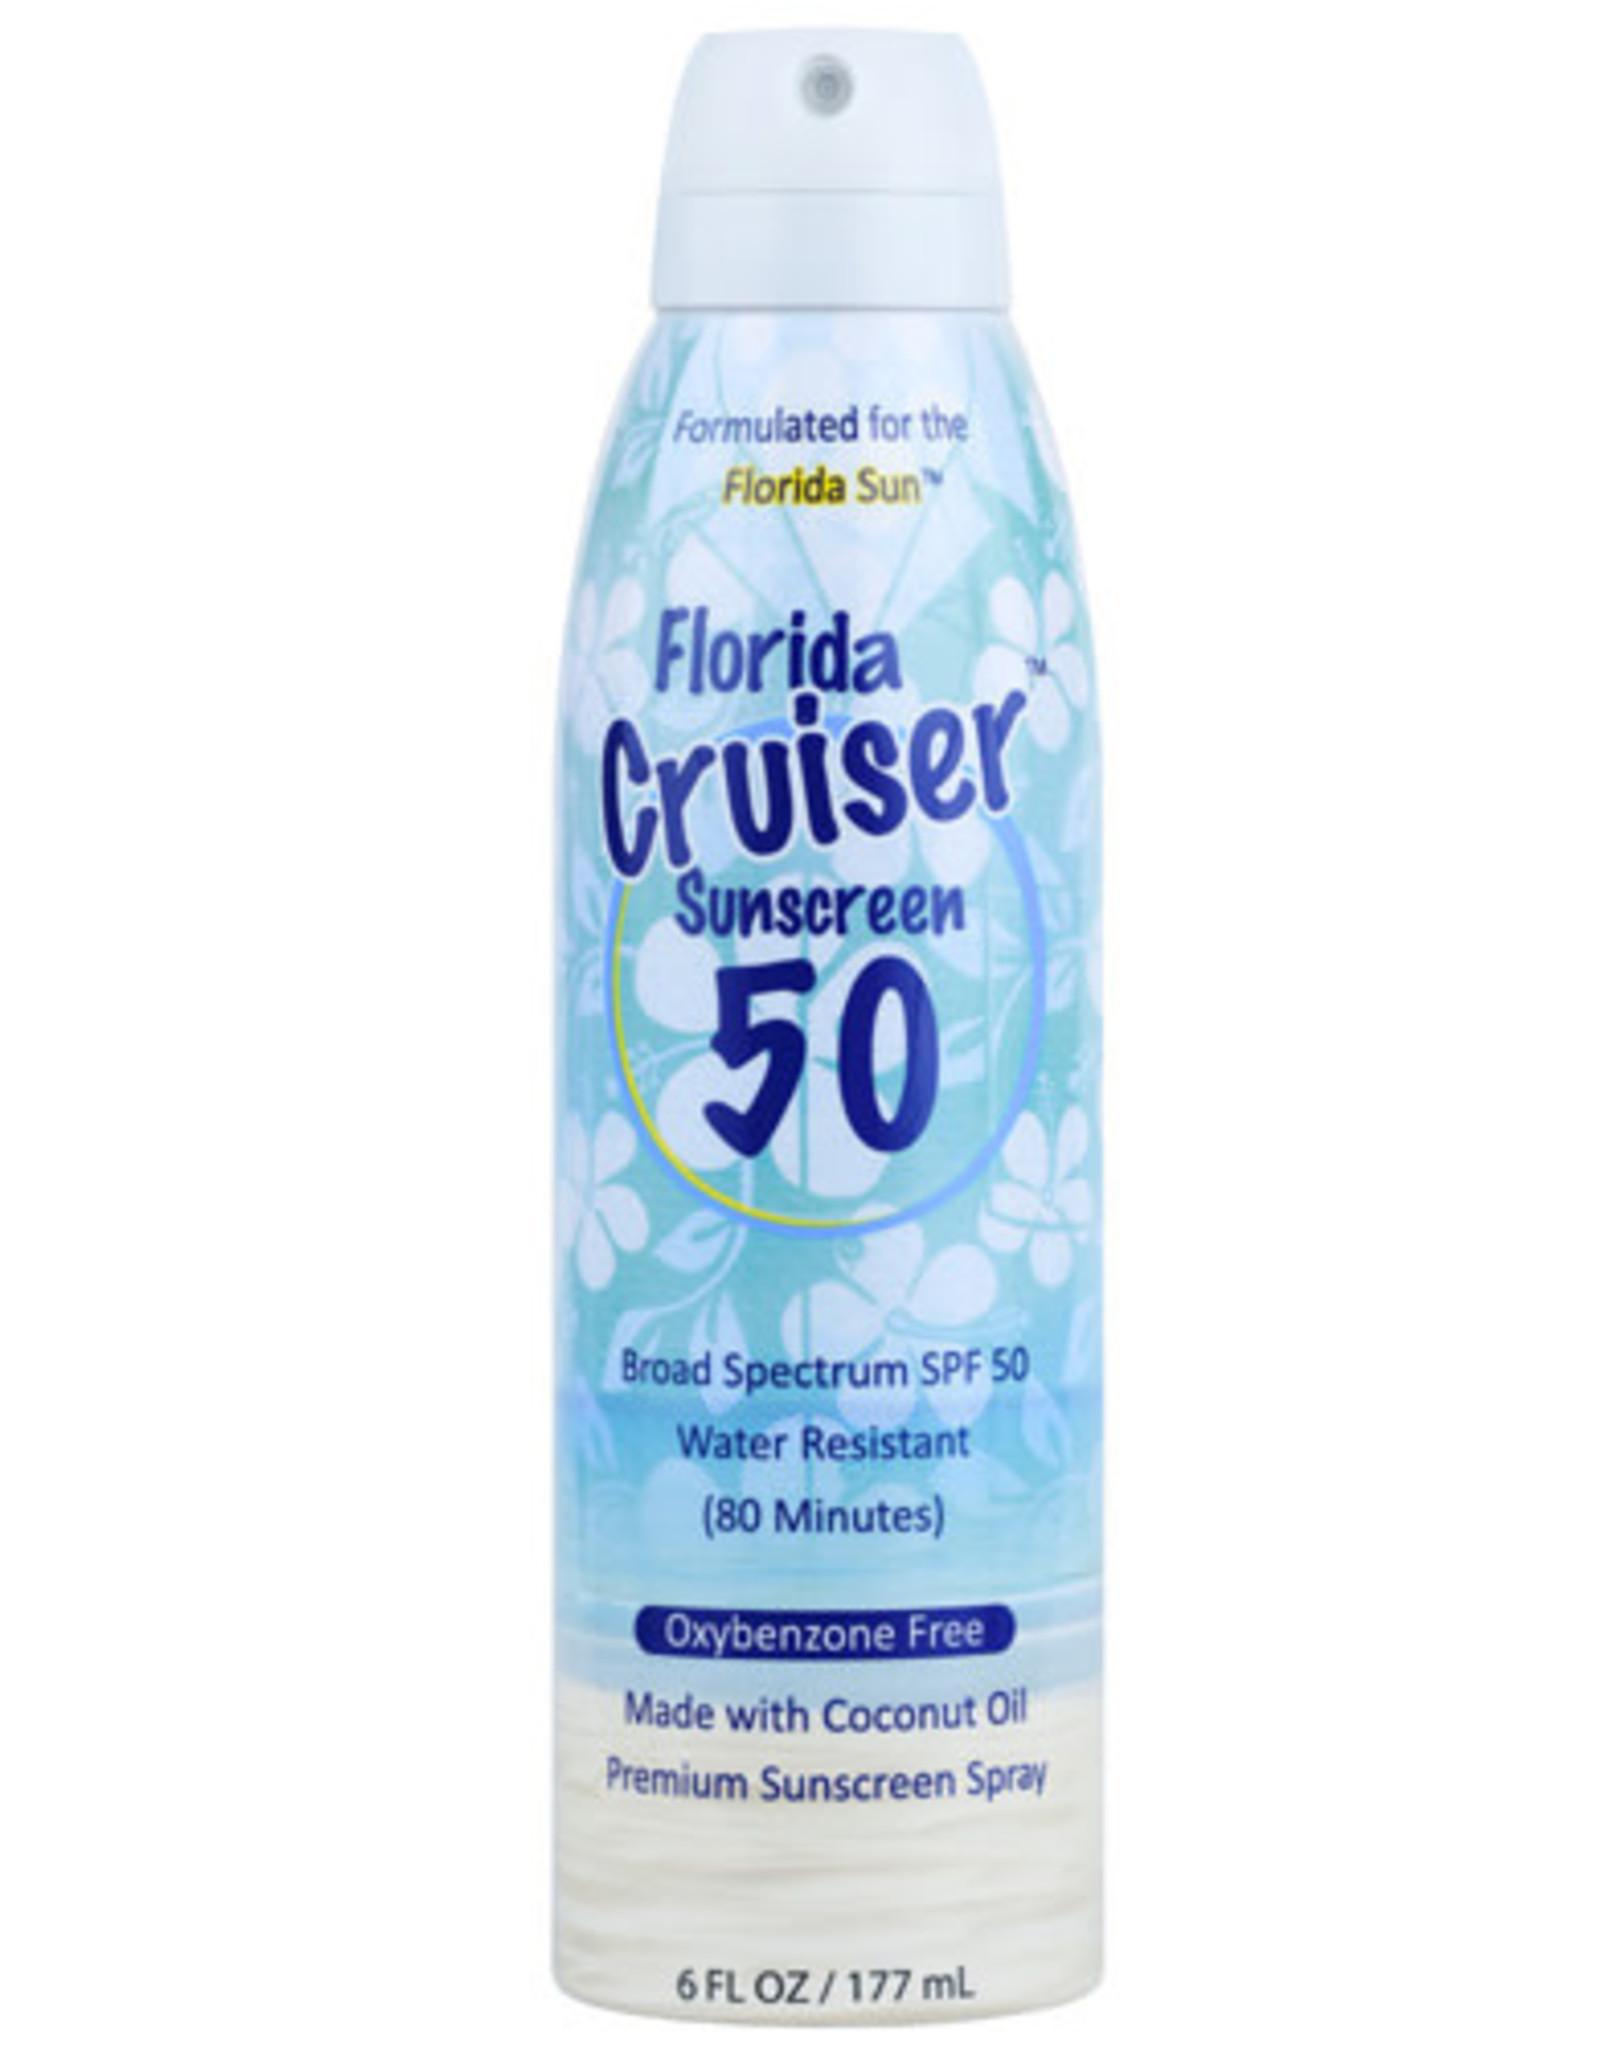 FLORIDA CRUISER SPF 50 SUNSCREEN